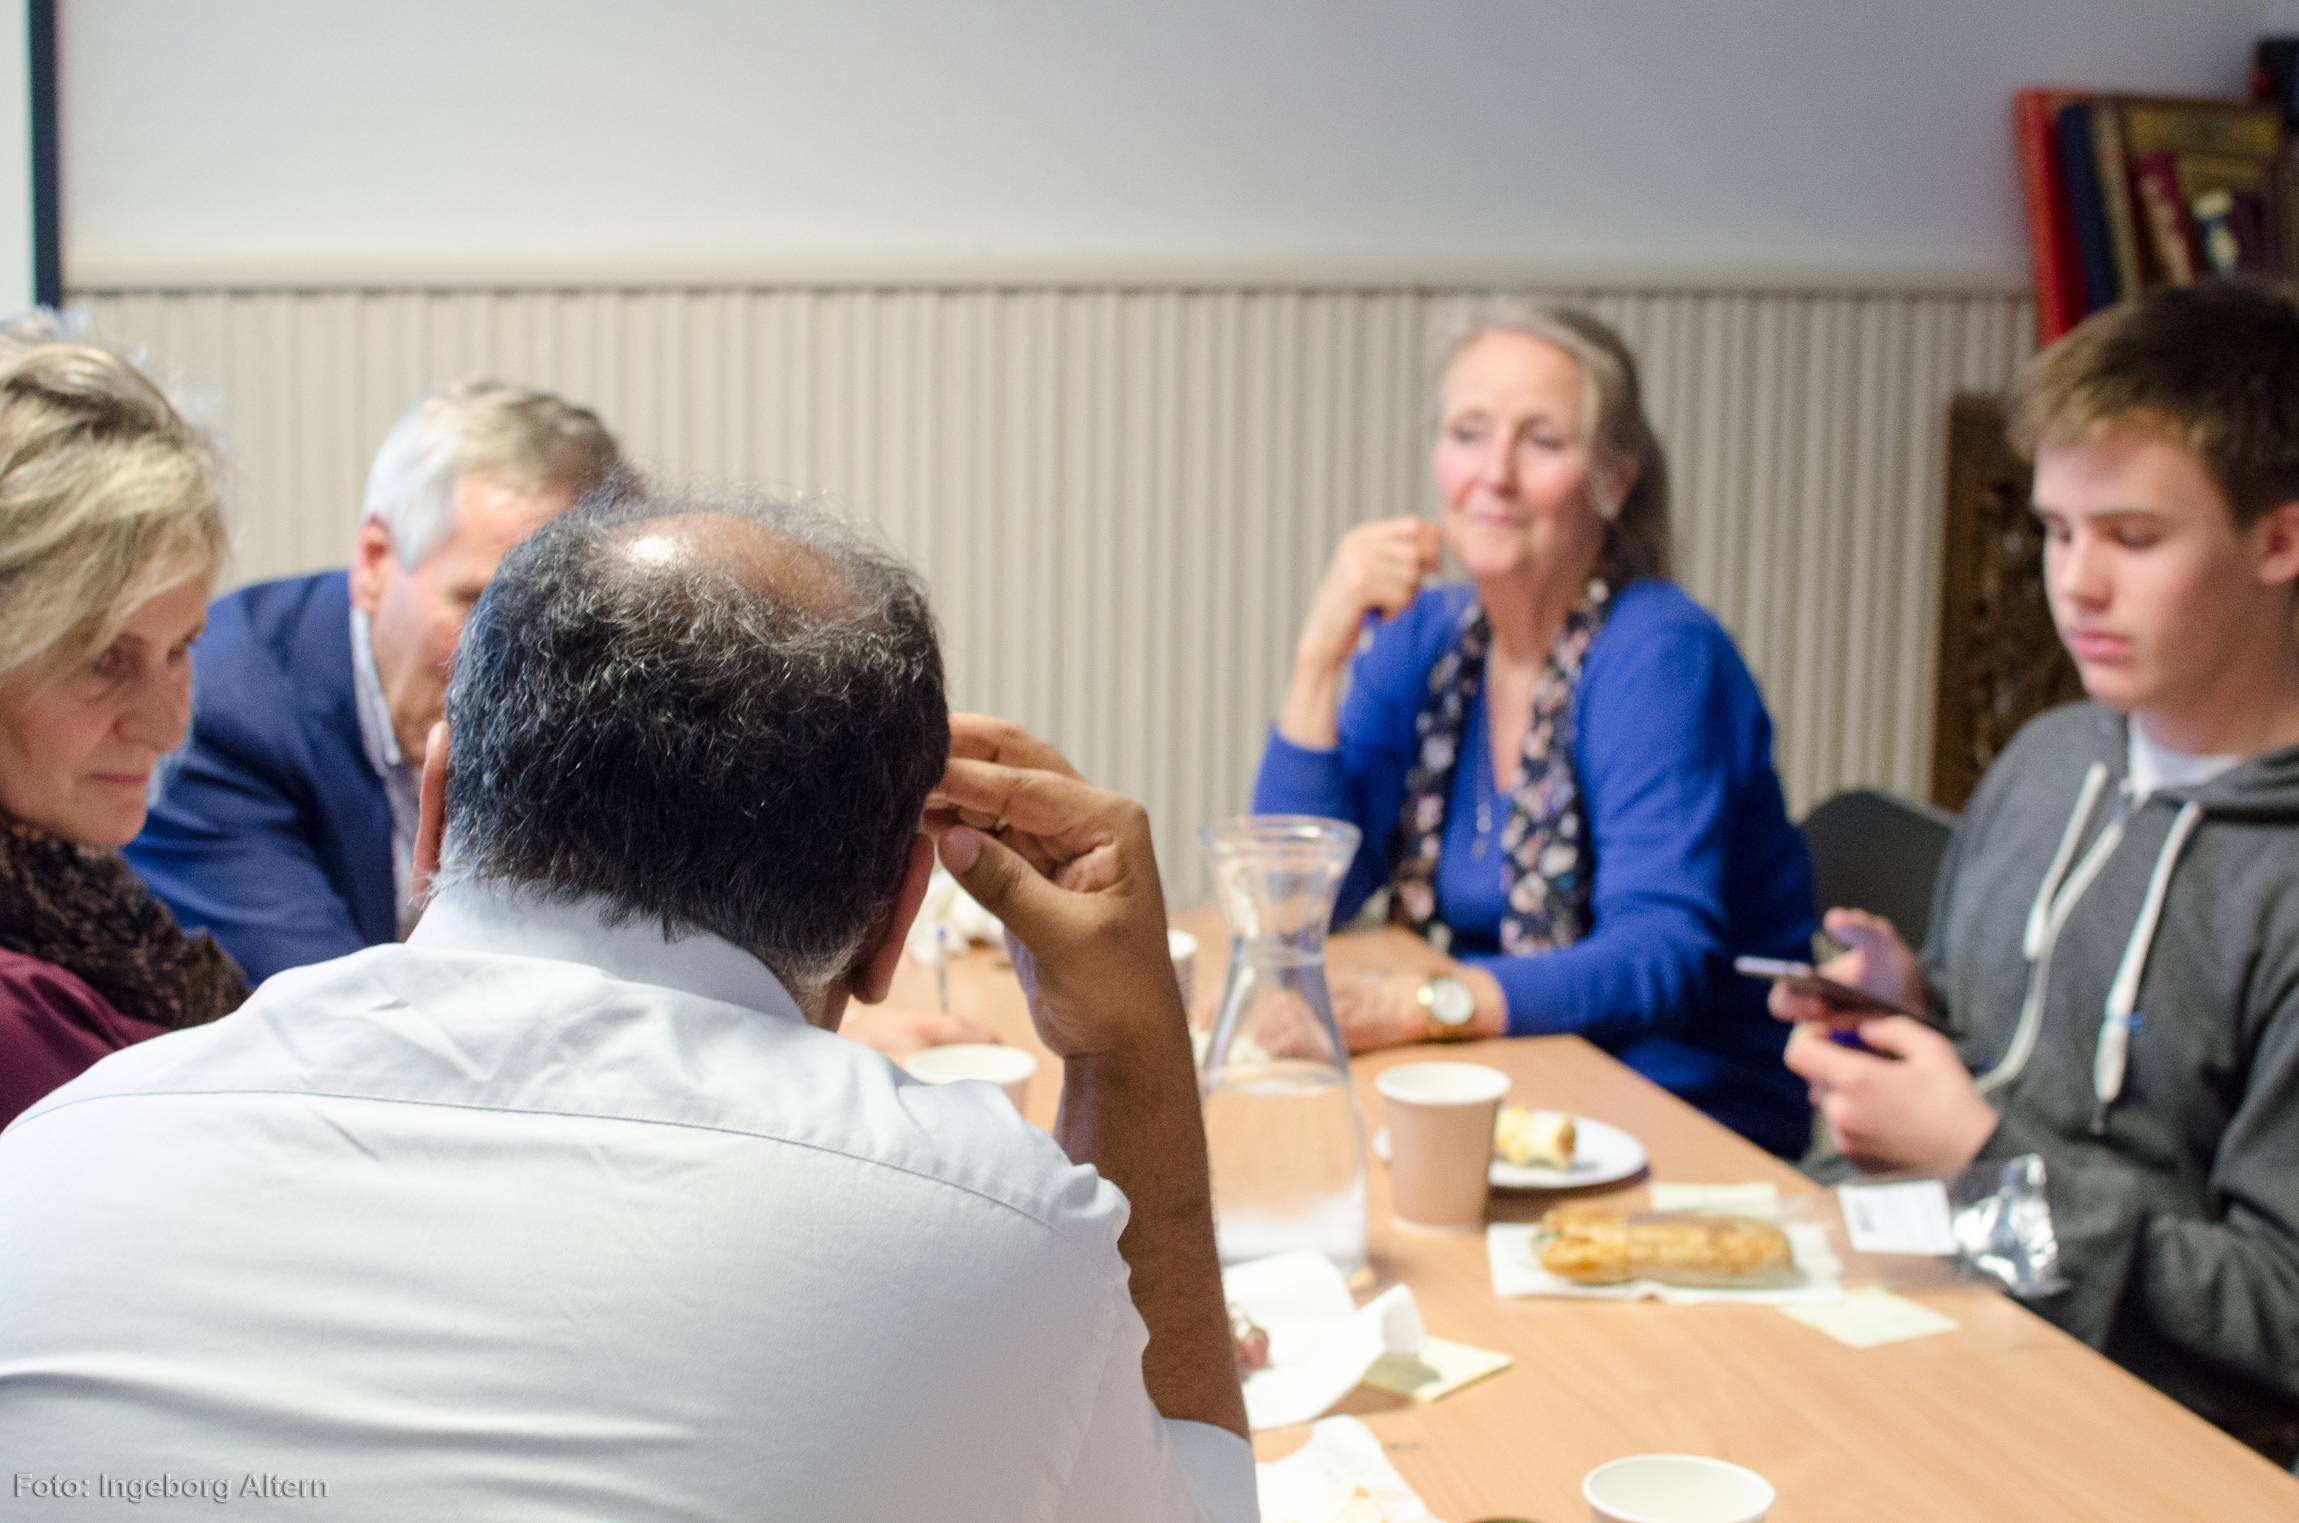 Ved å dele inn deltakerne i tilfeldige grupper ble mennesker som aldri har snakket sammen før kjent. Foto: Ingeborg Altern Vedal